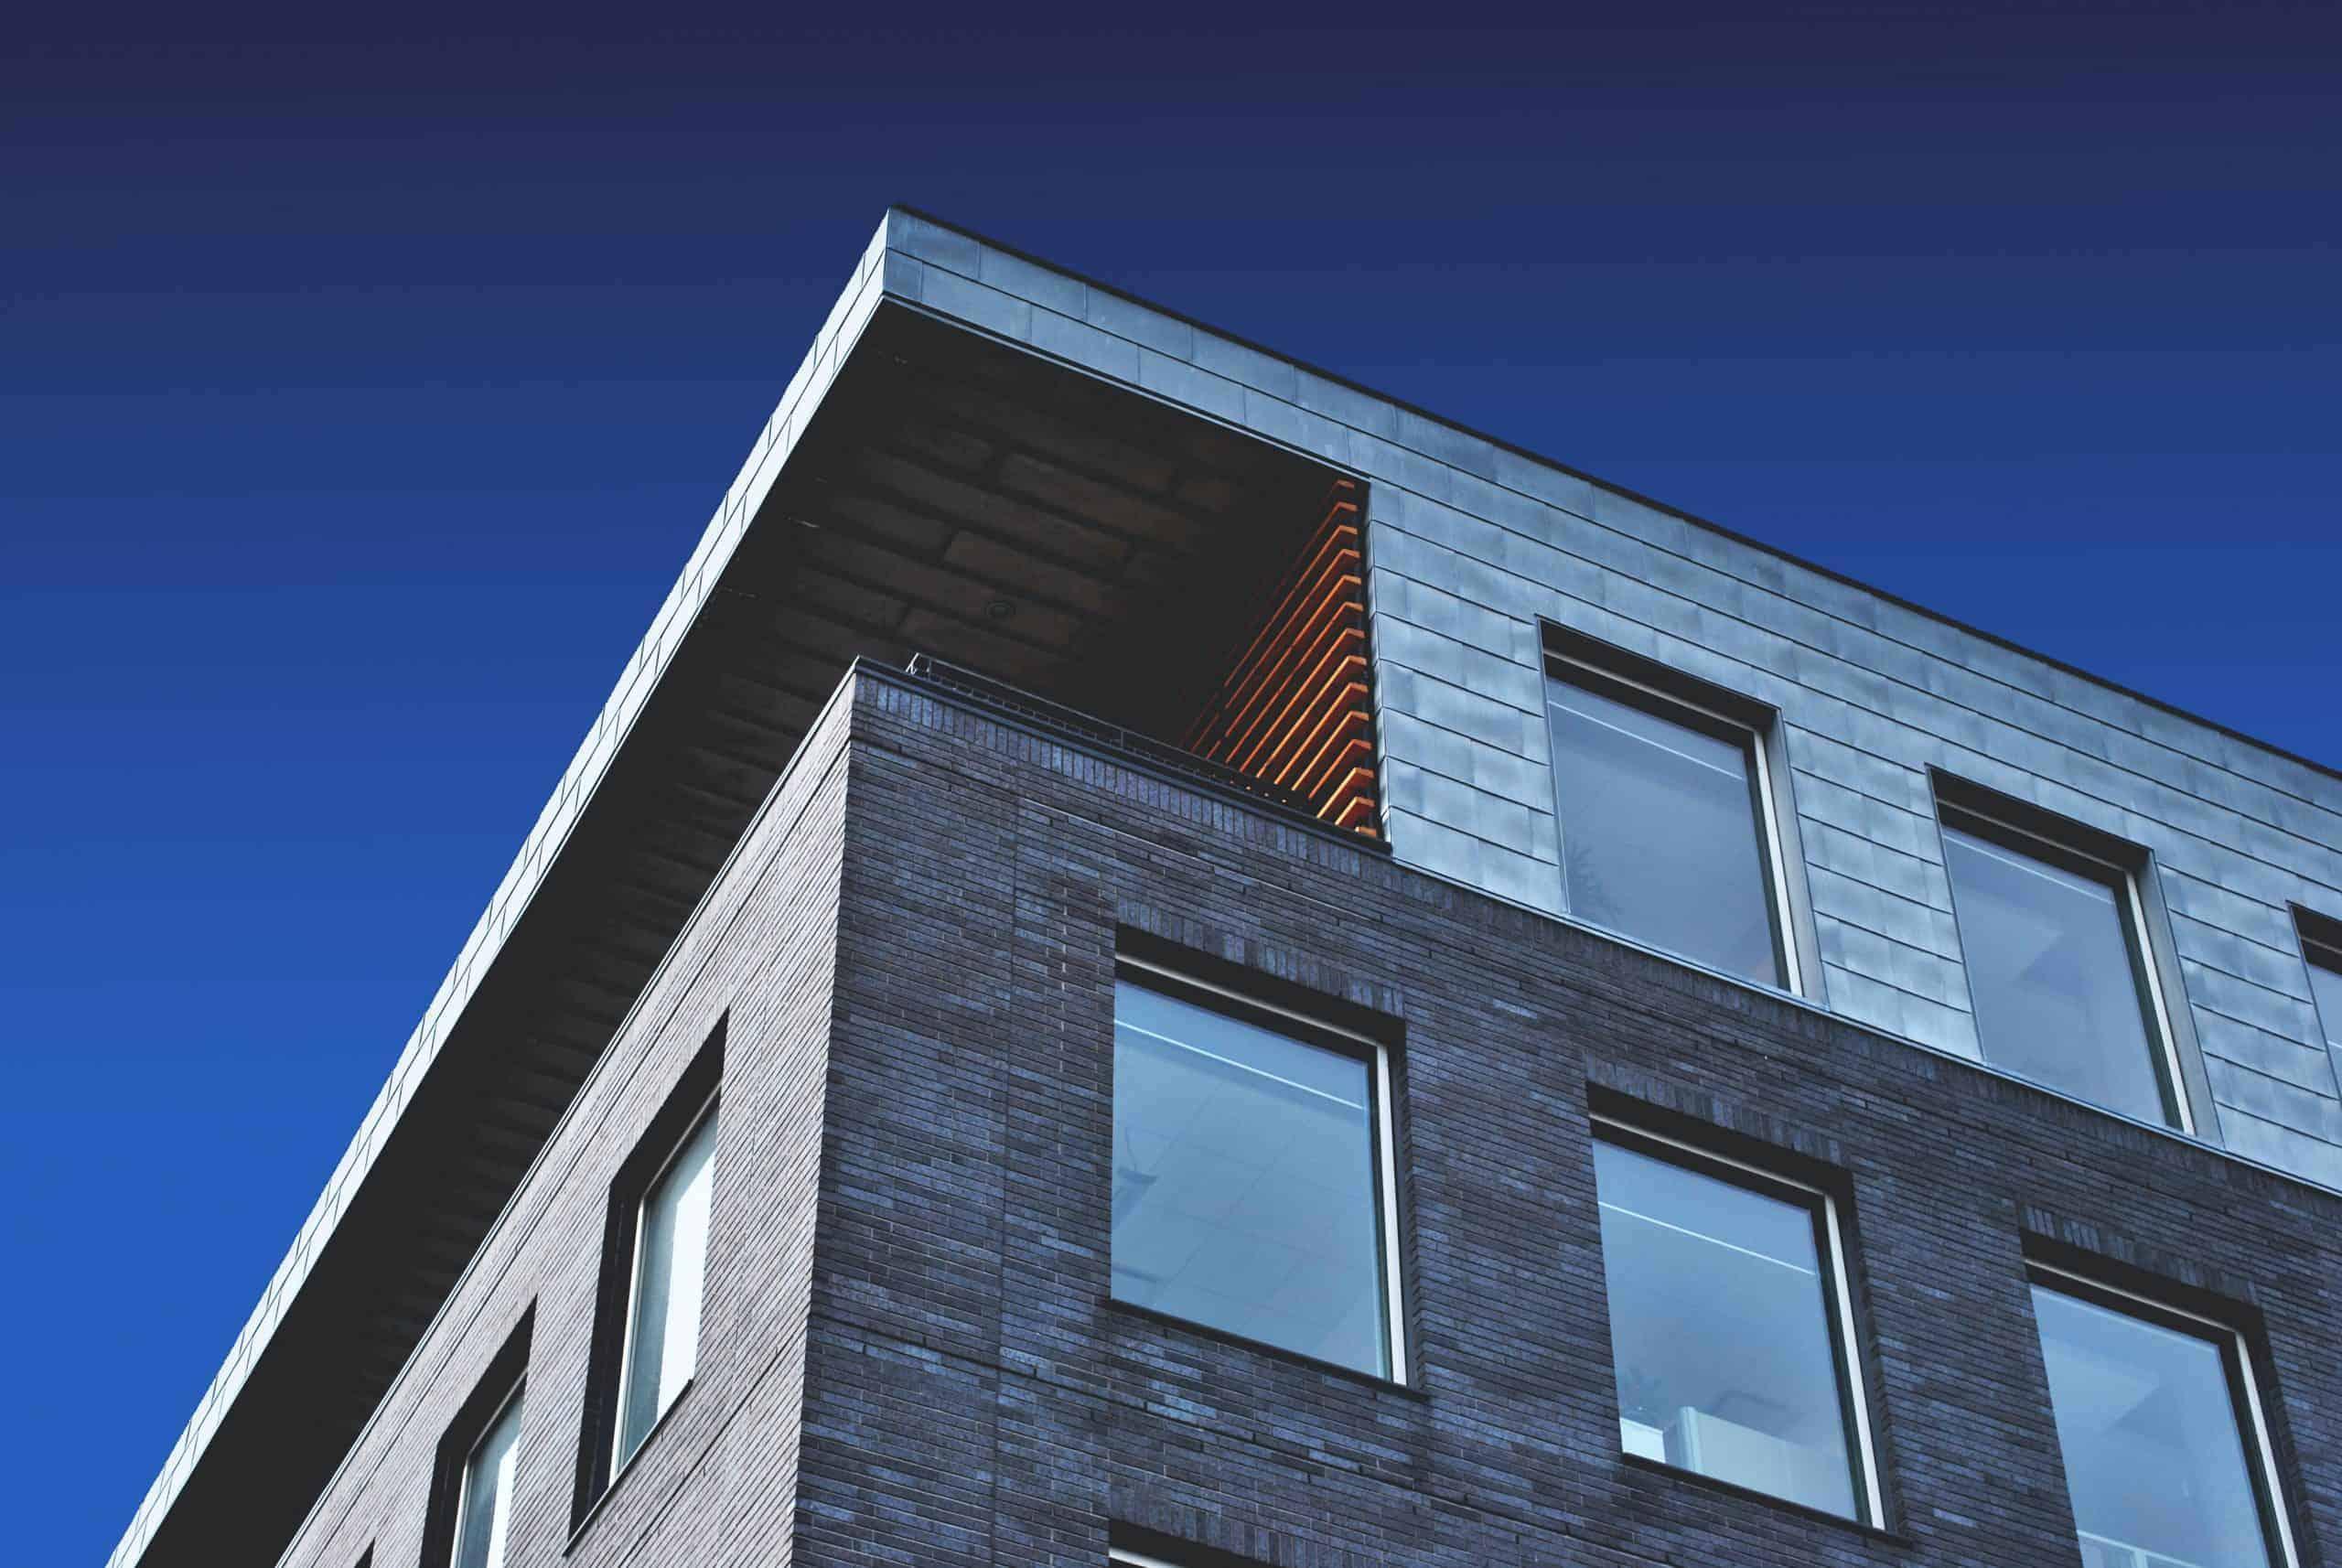 Liste von 3 Investoren für Mehrfamilienhäuser in Berlin